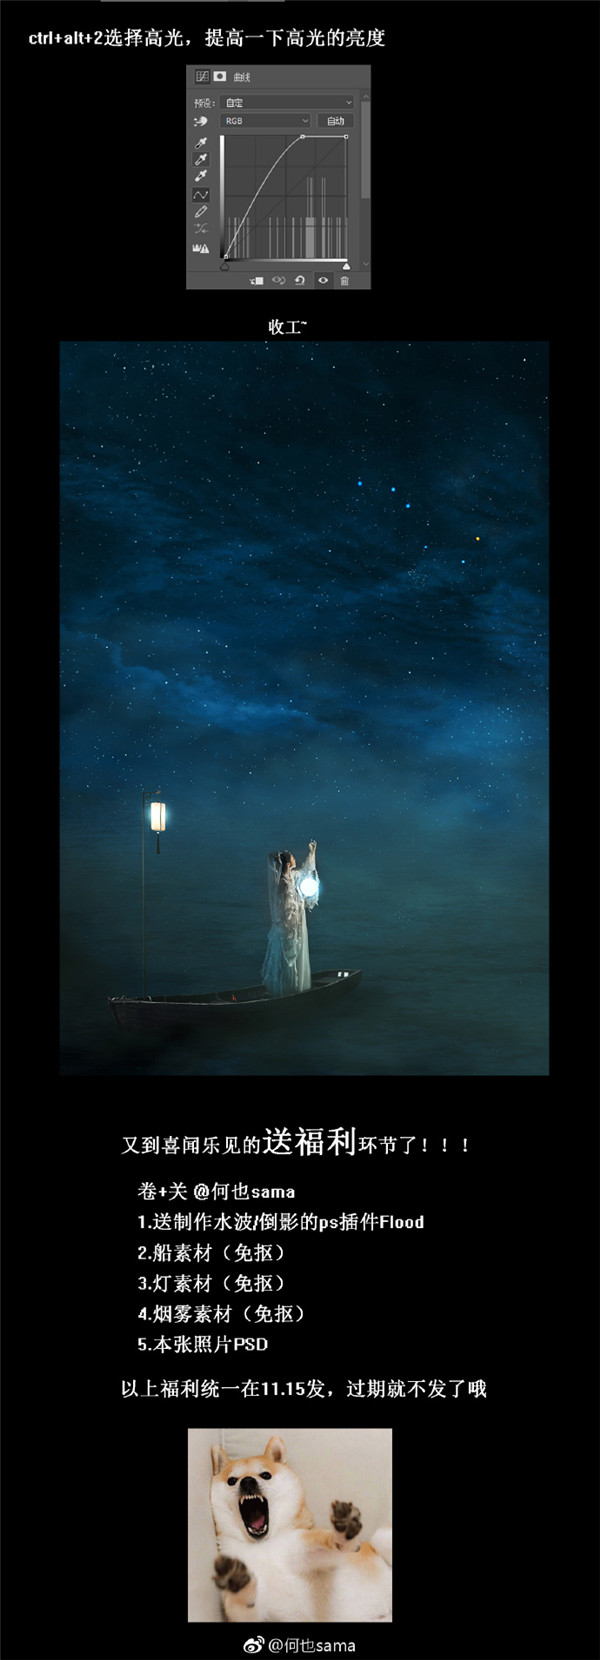 教你如何将漆黑夜景P成奇幻星空